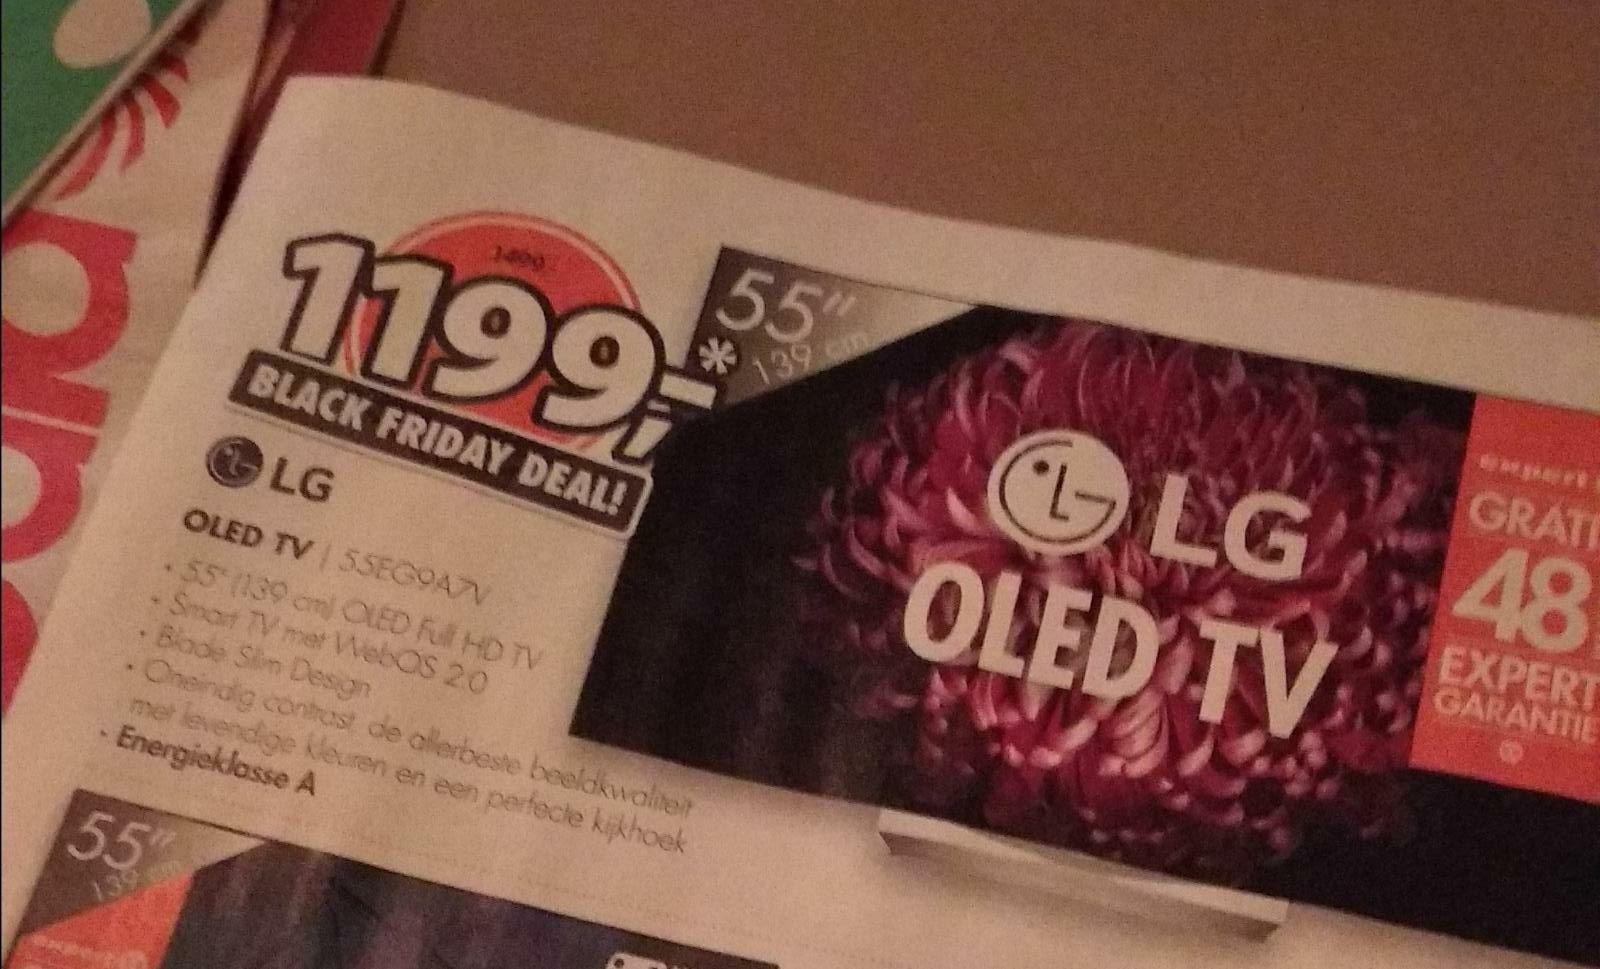 LG 55'' oled-tv met 300 euro korting @ Expert